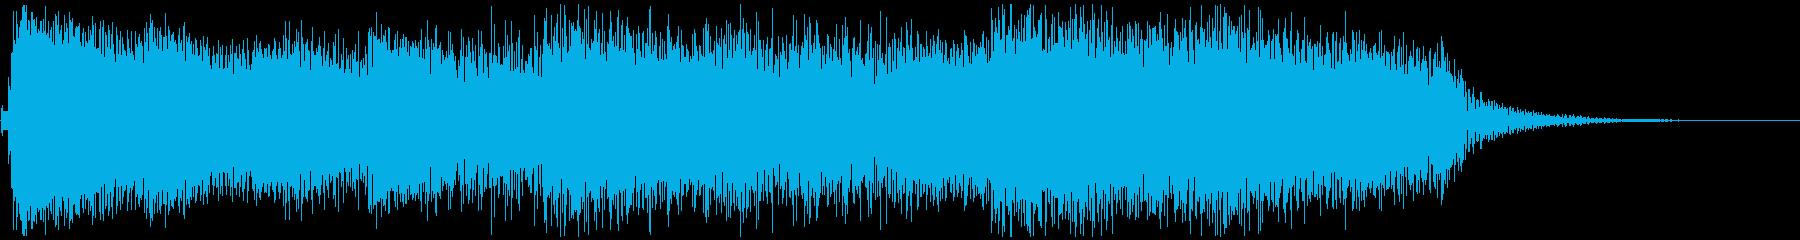 レトロでファンキーなシンセジングルの再生済みの波形